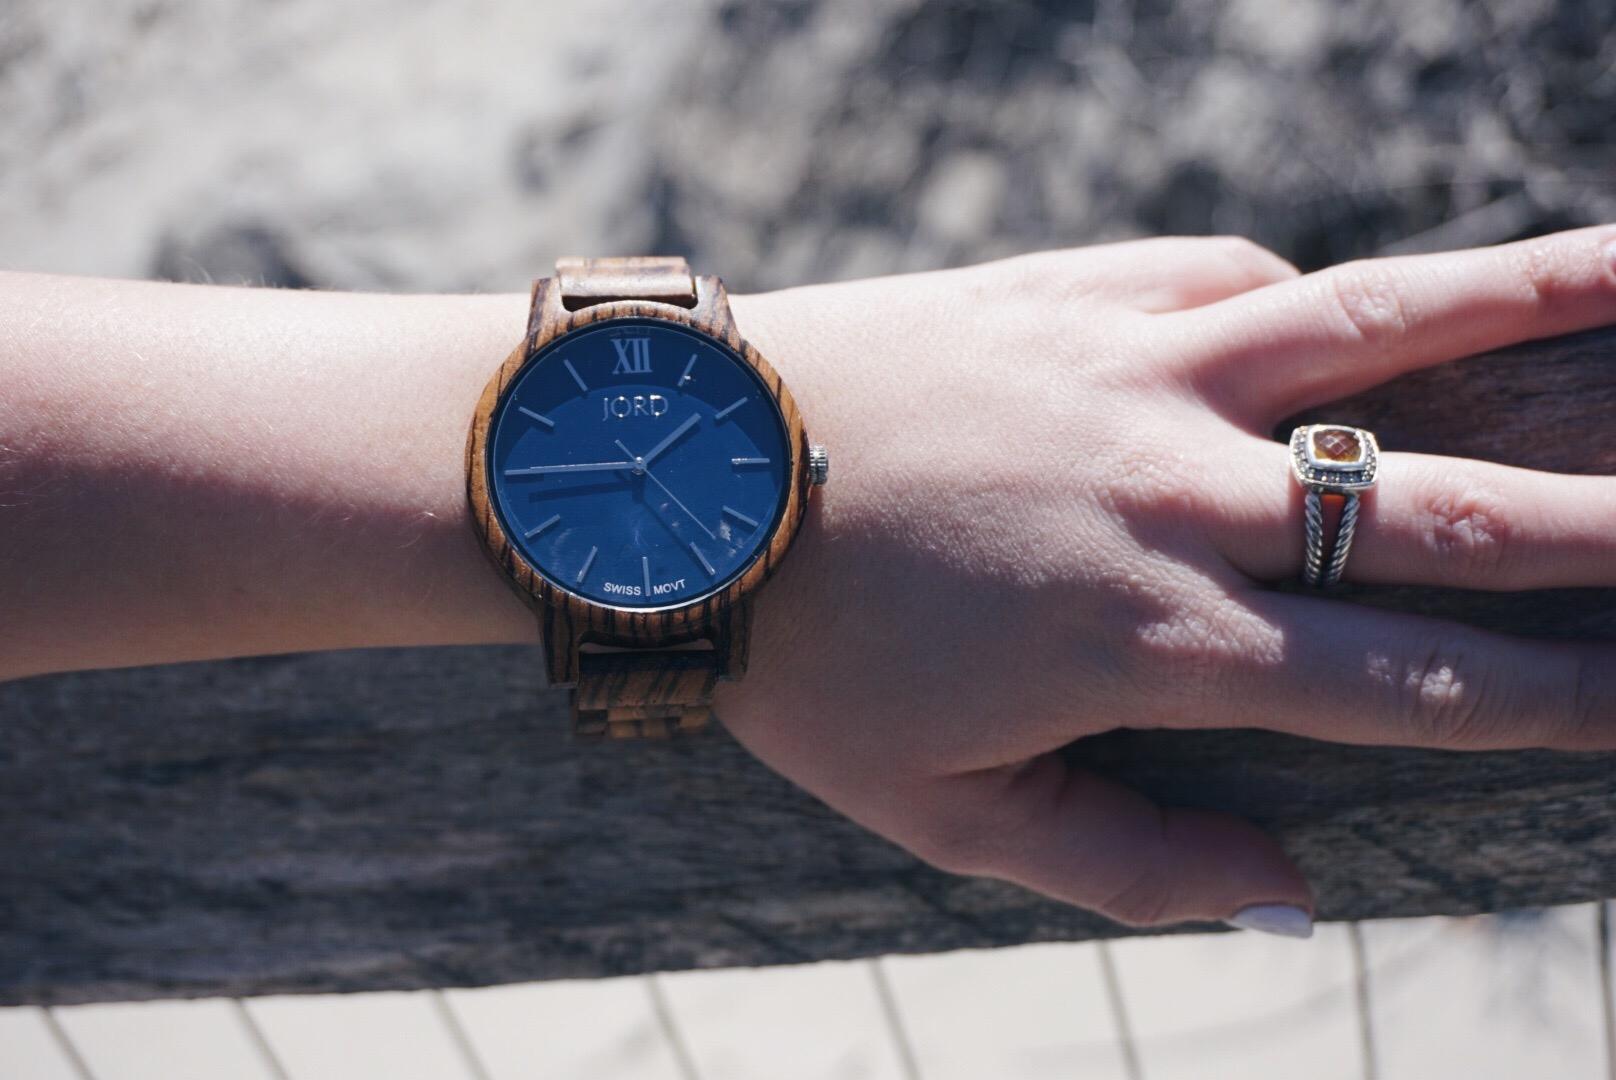 S  hop my exact watch  here